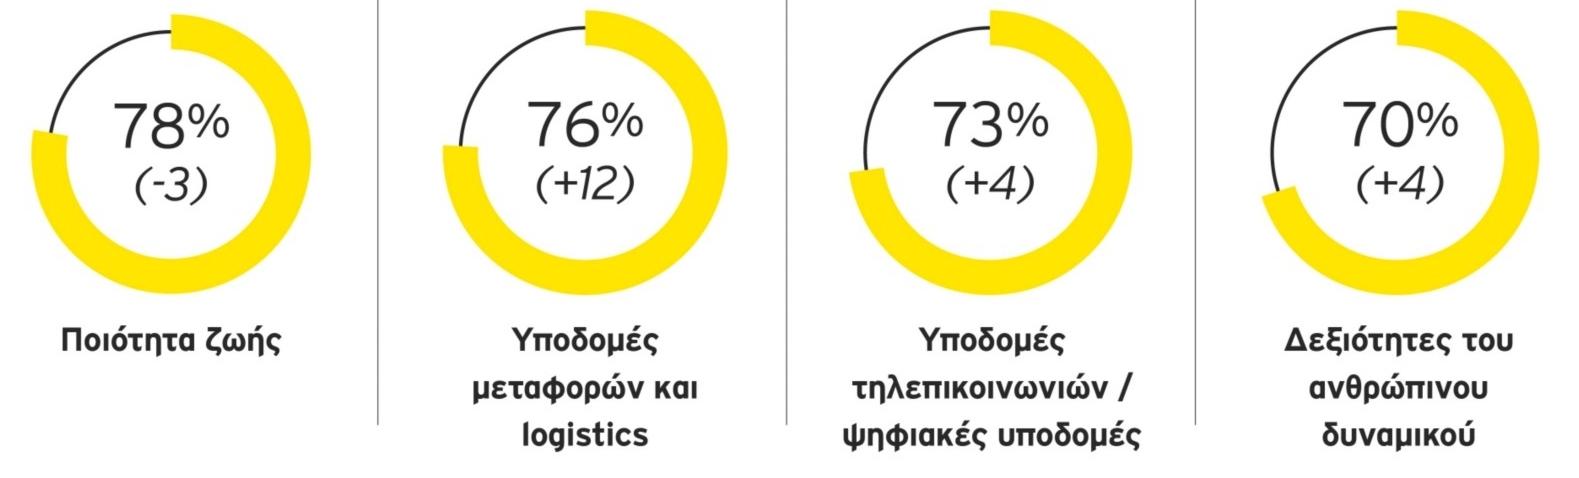 EY Attractiveness Survey Ελλάδα, Ιούλιος 2021